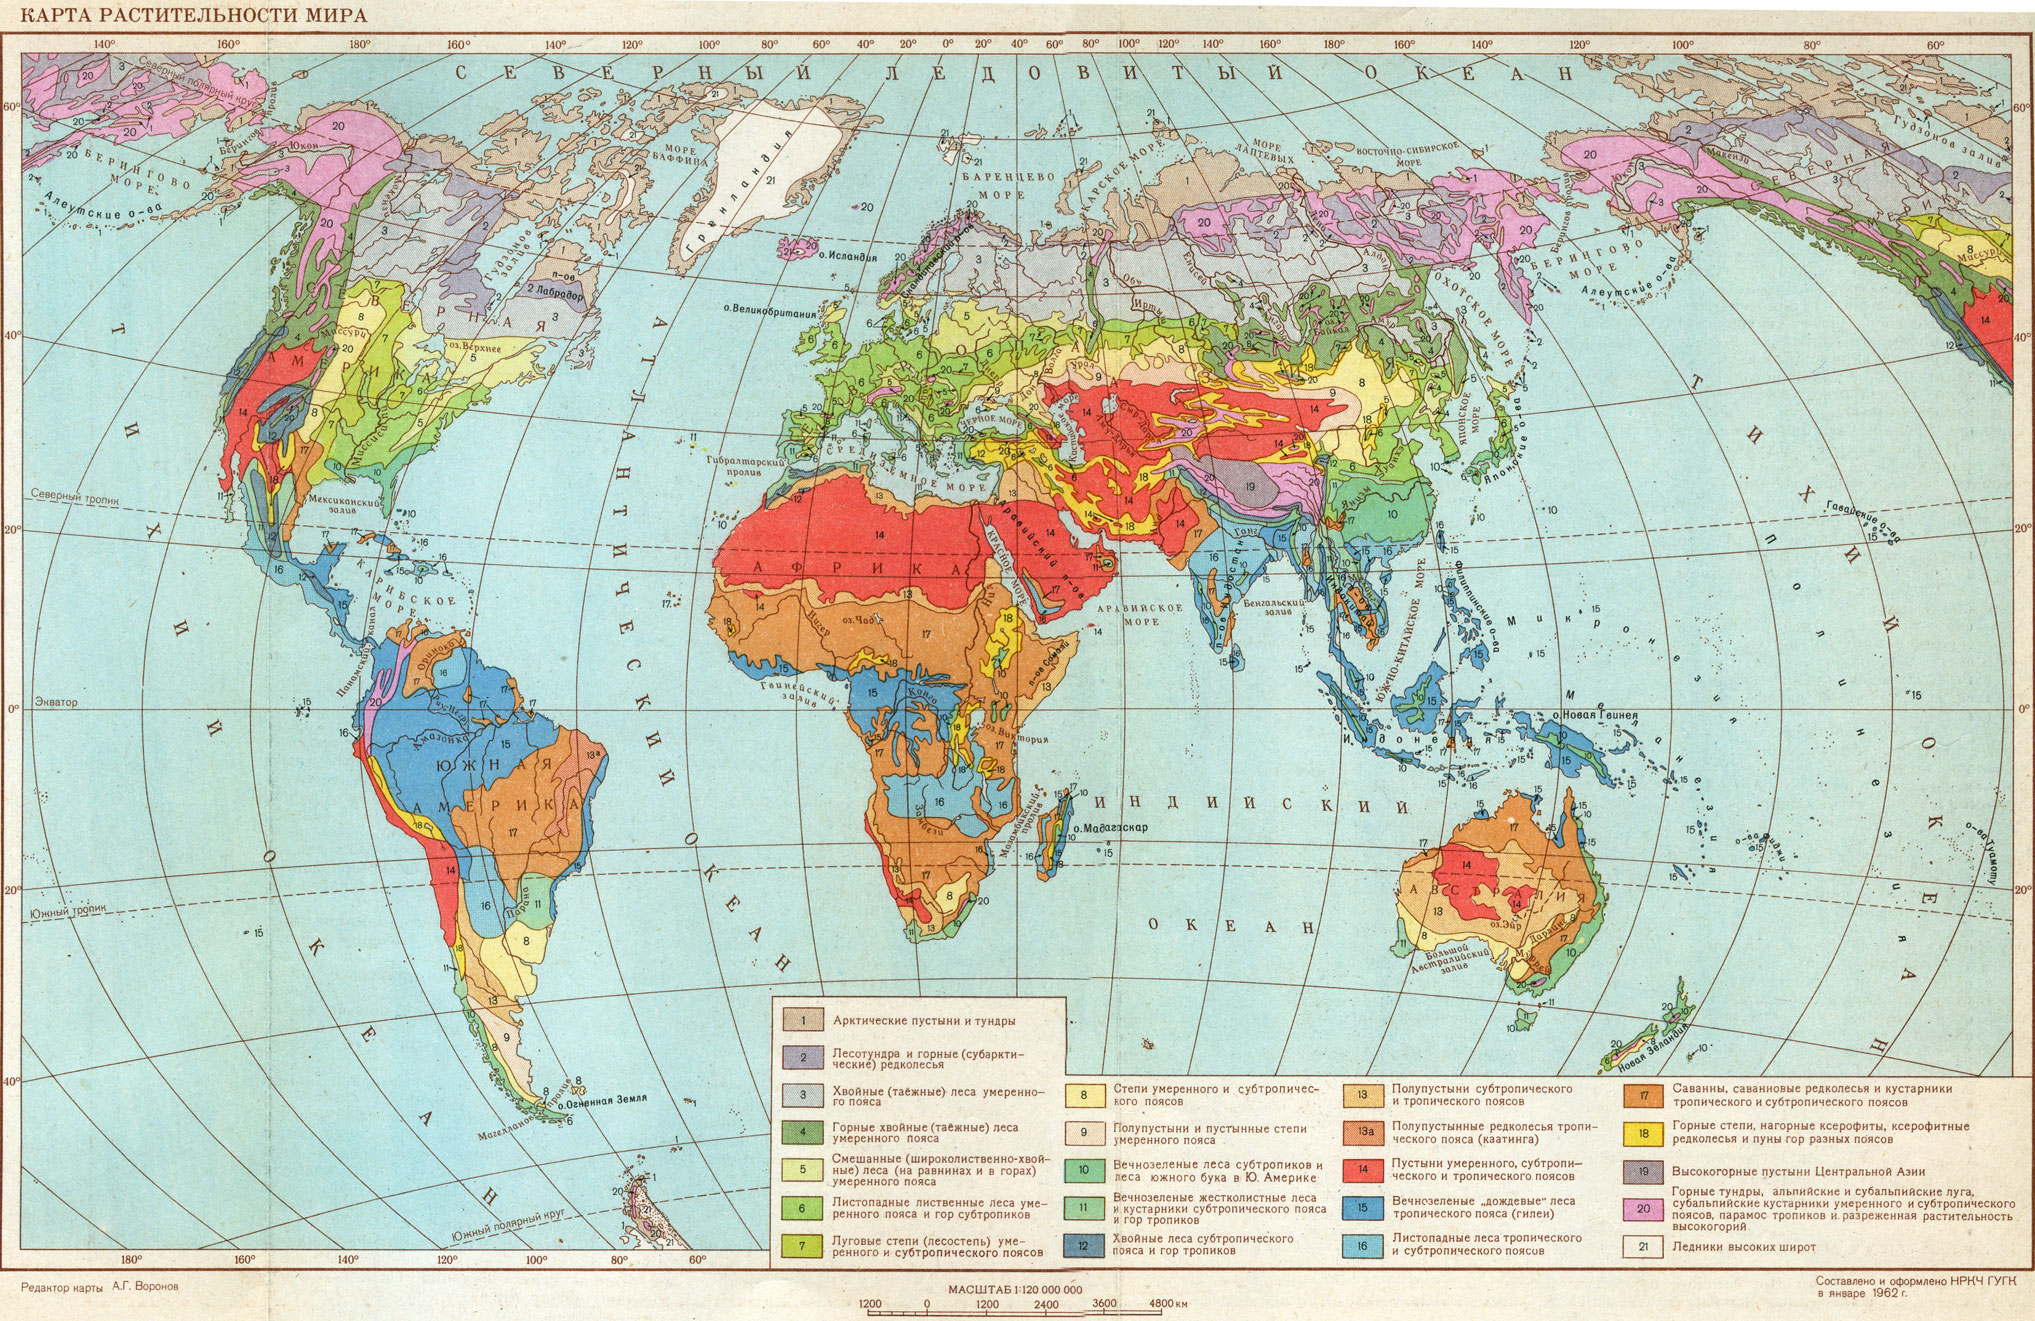 Для карты программы мира создания